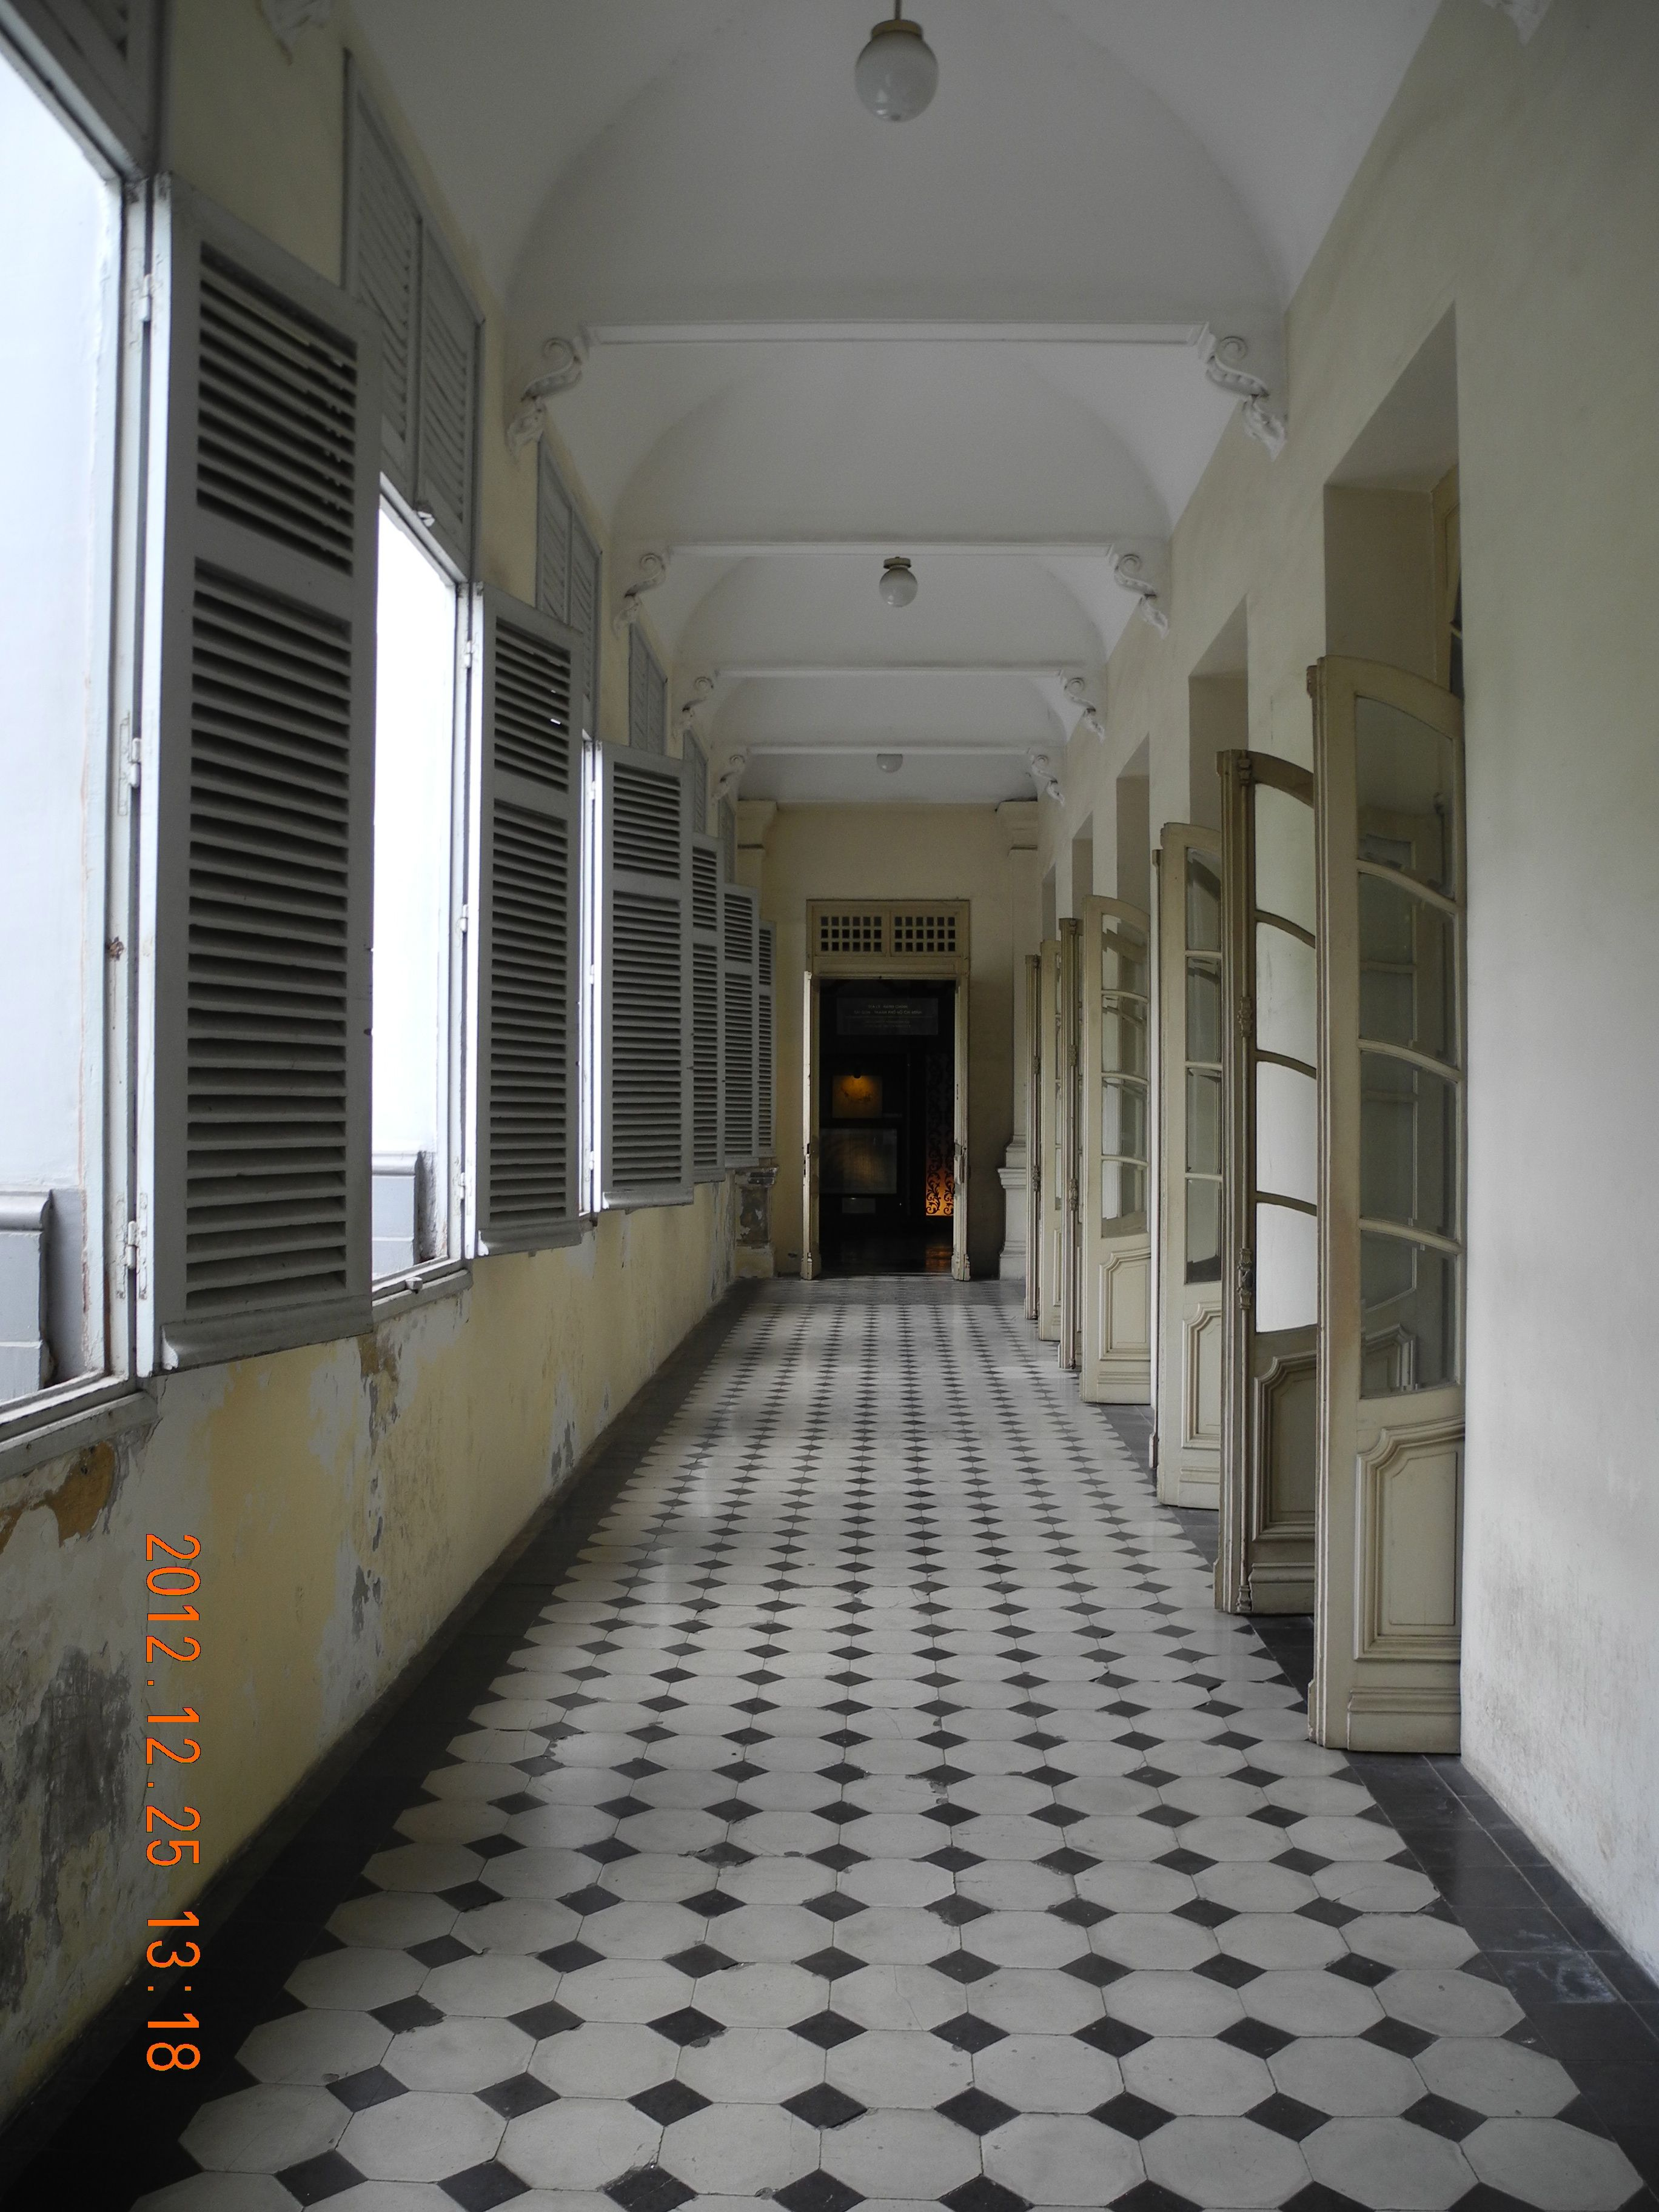 Zementfliesen, Vietnam Cement Tiles, Vietnam Asian Interiorcement